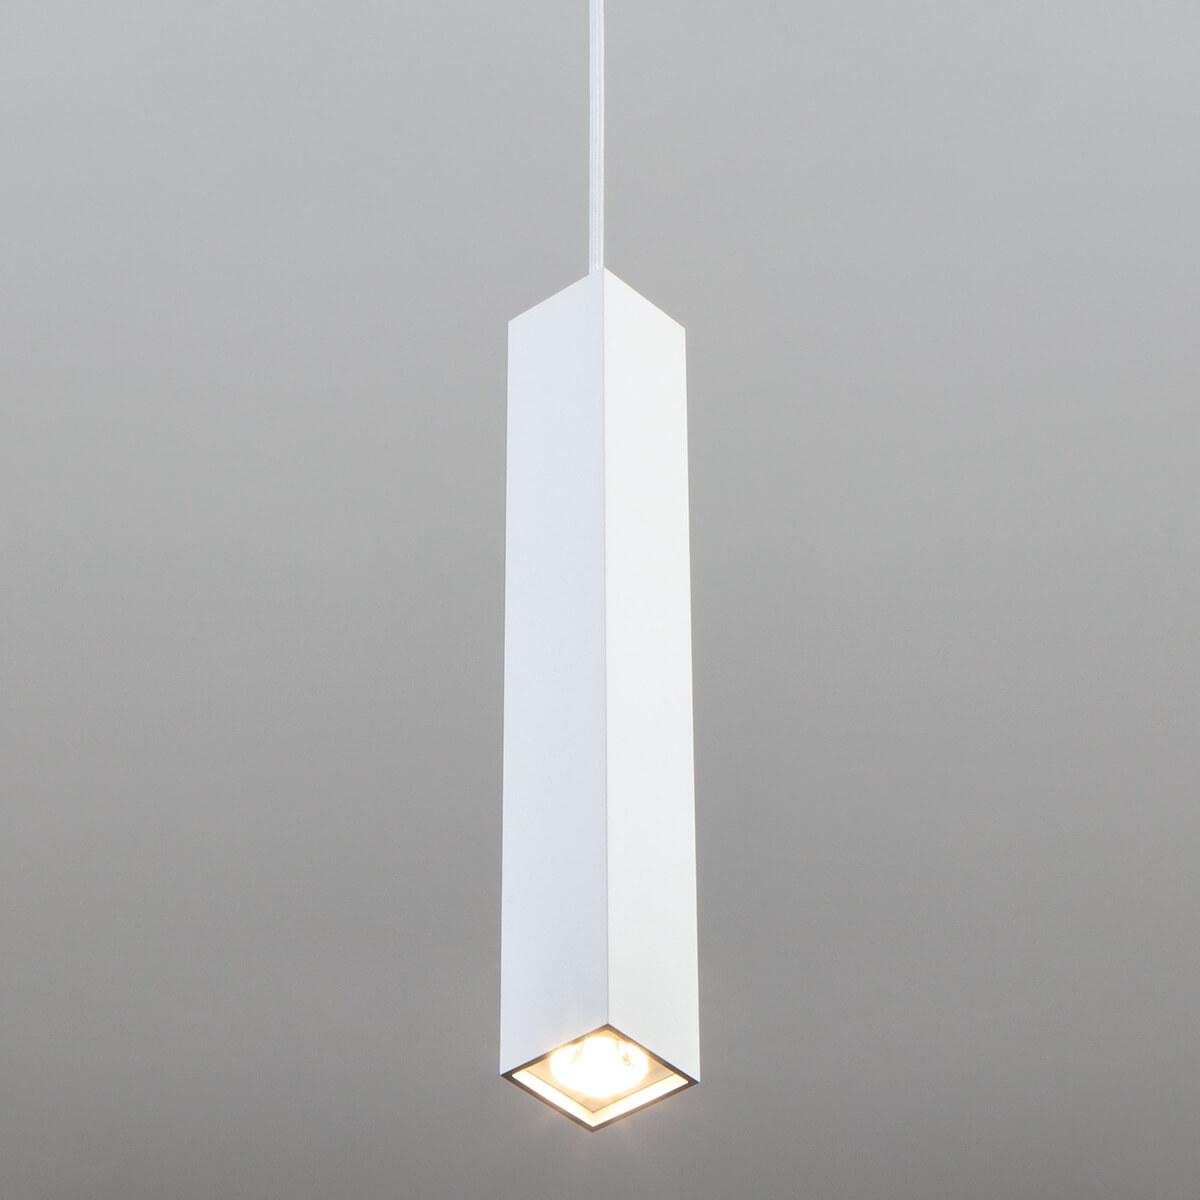 Подвесной светодиодный светильник Eurosvet Cant 50154/1 LED белый подвесной светодиодный светильник eurosvet cant 50154 1 led белый